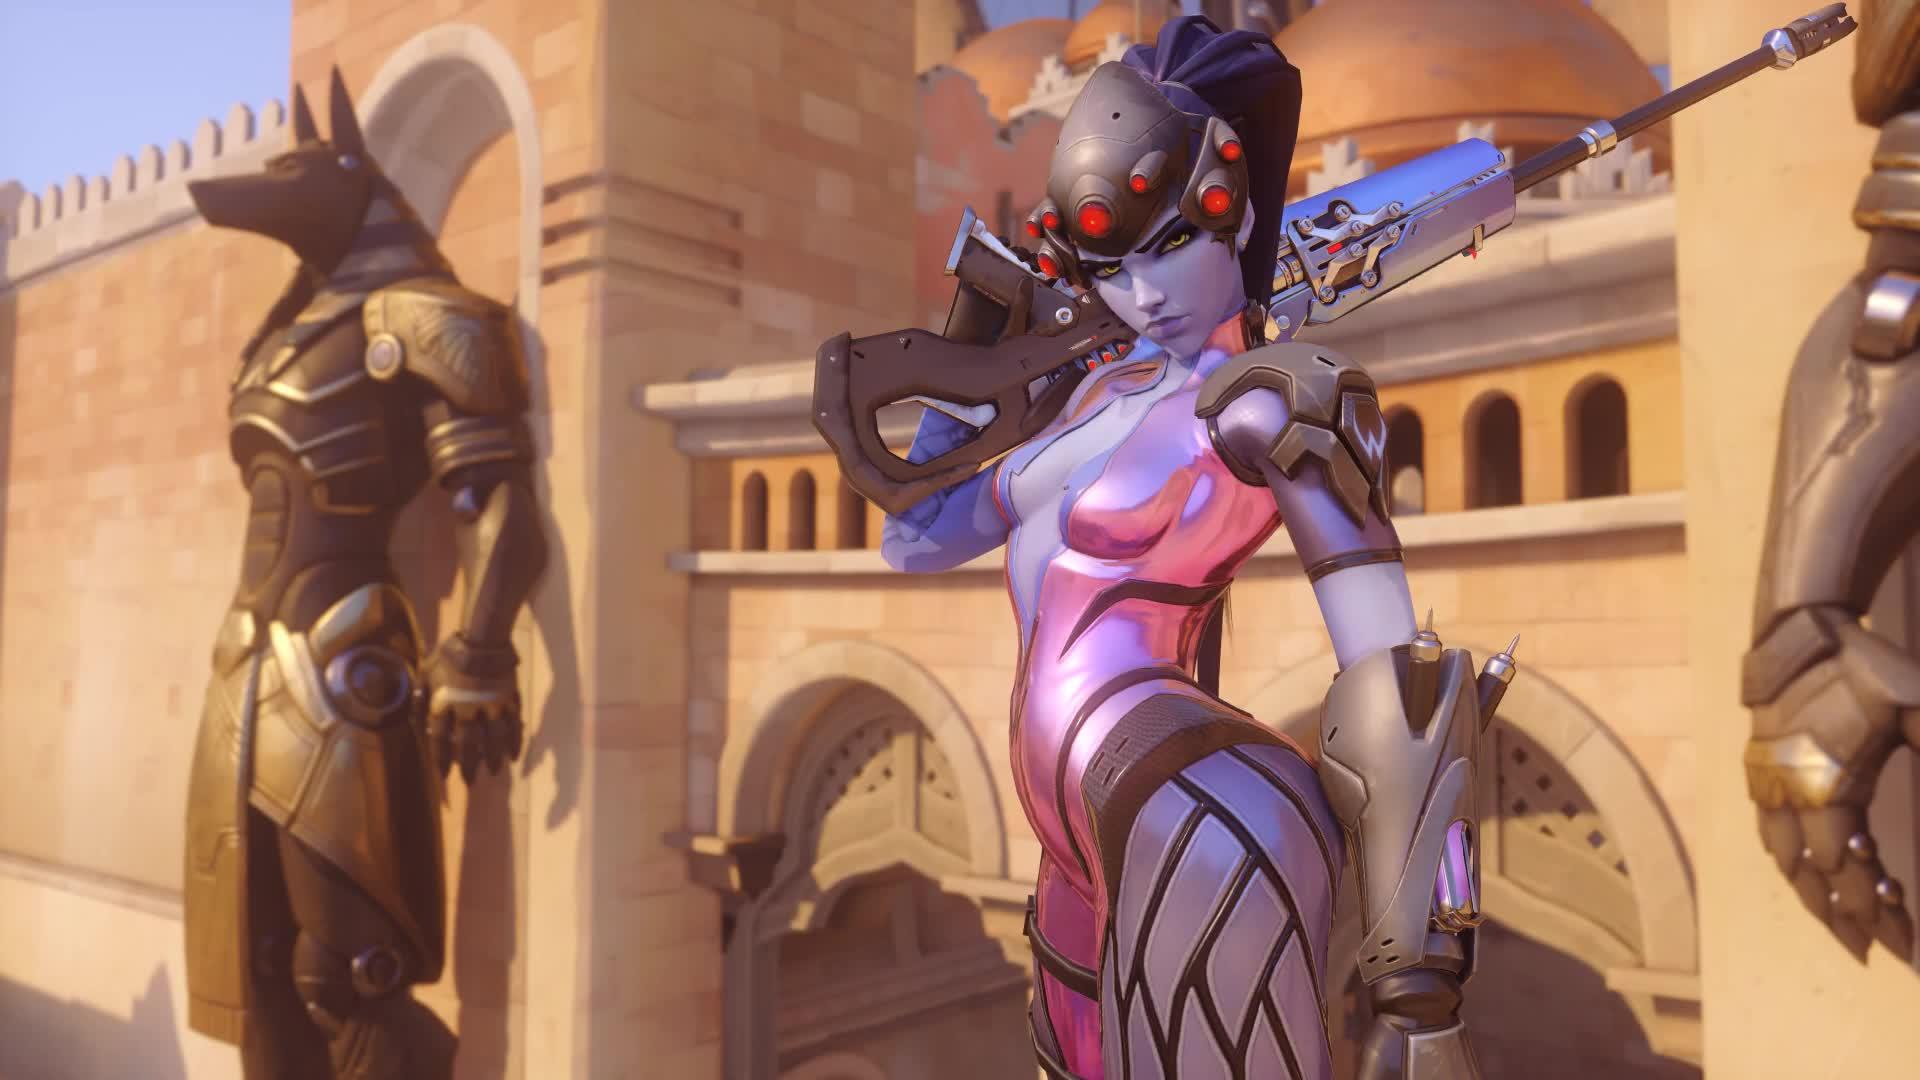 Overwatch Роковая вдова - Widowmaker - живые обои